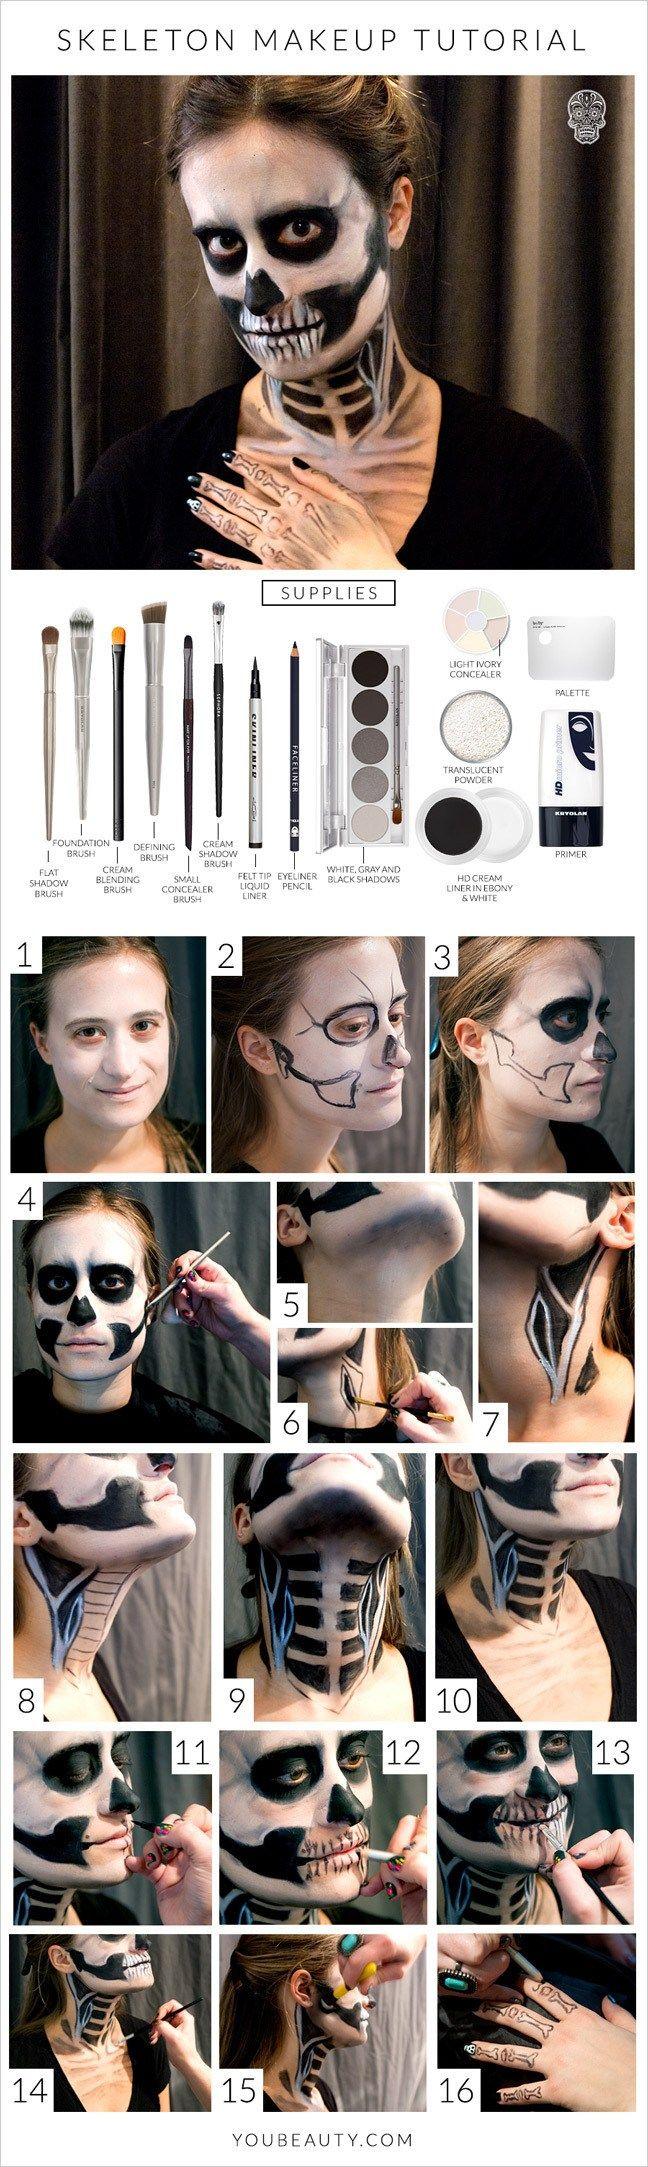 Best 25+ Skeleton makeup tutorial ideas only on Pinterest | Skull ...